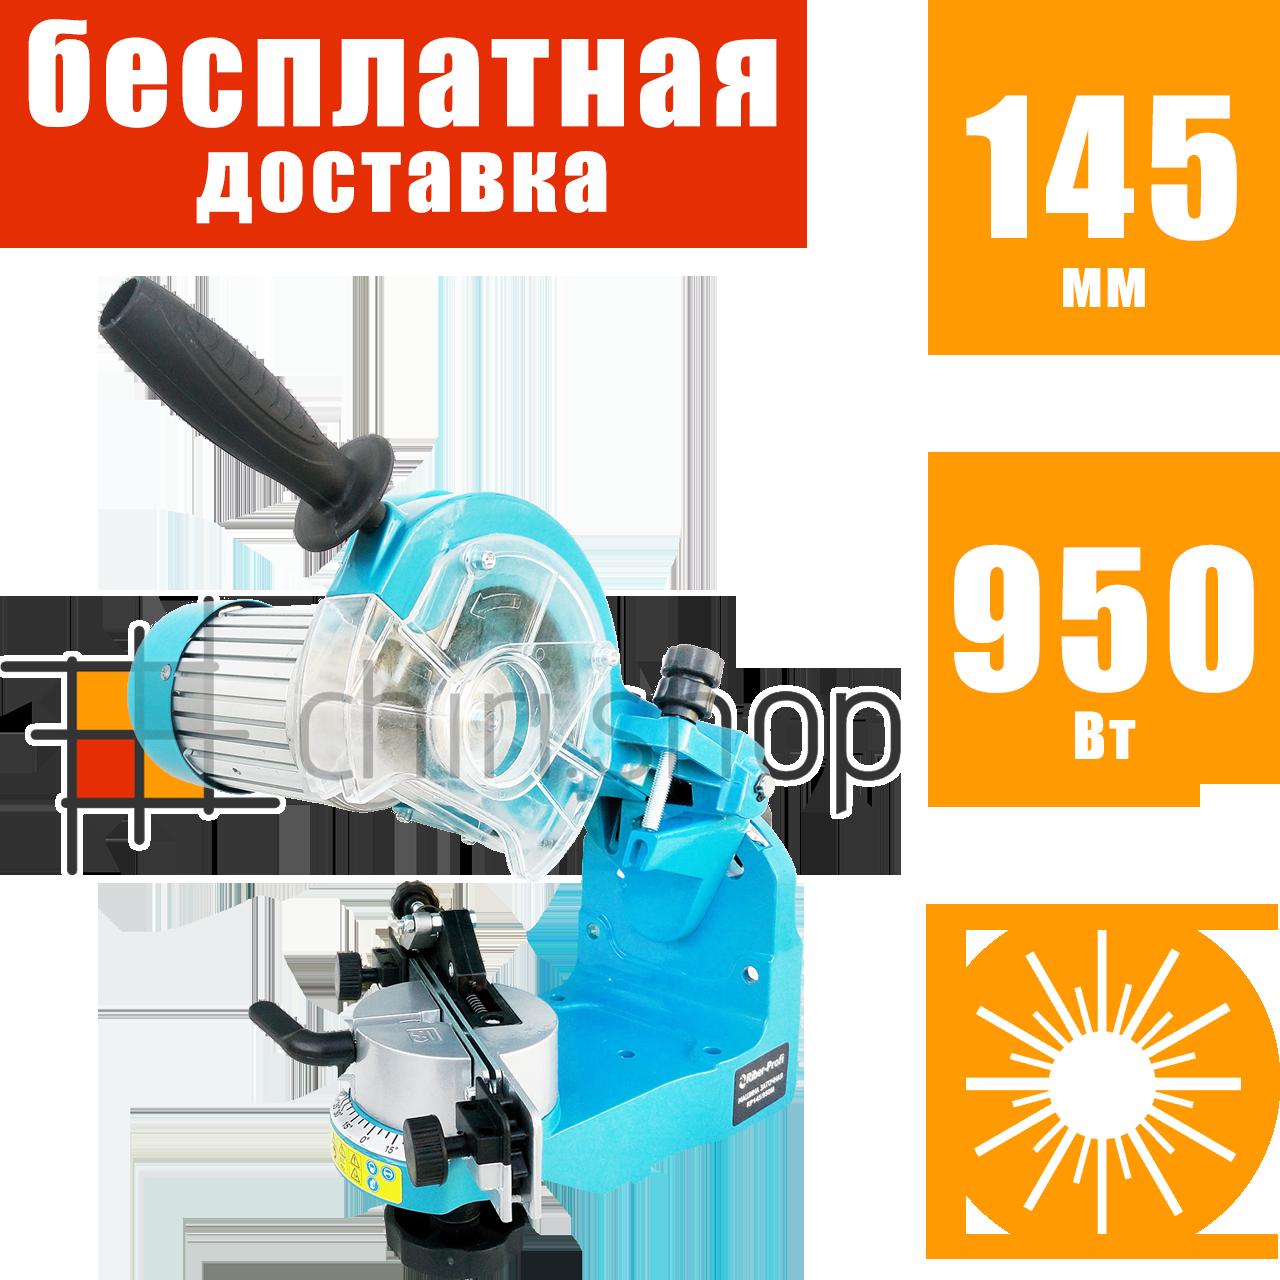 Заточной станок цепей пильных 145 мм, Riber RP 145/950М, станок для заточки цепей бензопил